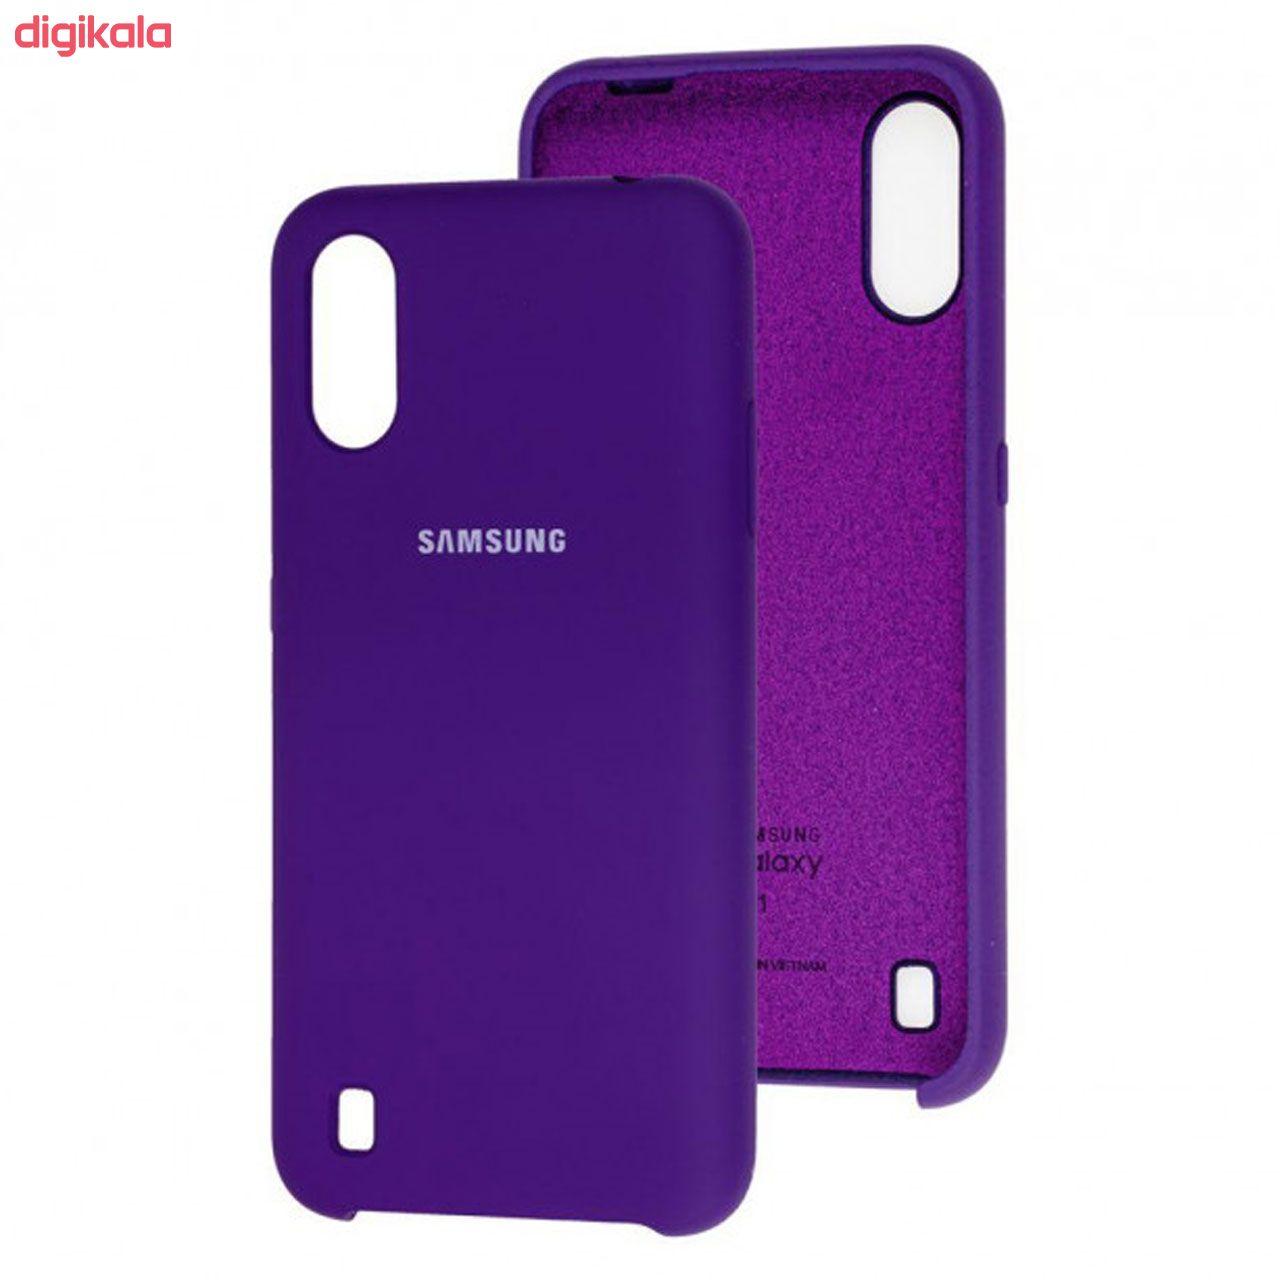 کاور مدل SLCN مناسب برای گوشی موبایل سامسونگ Galaxy A01 main 1 15